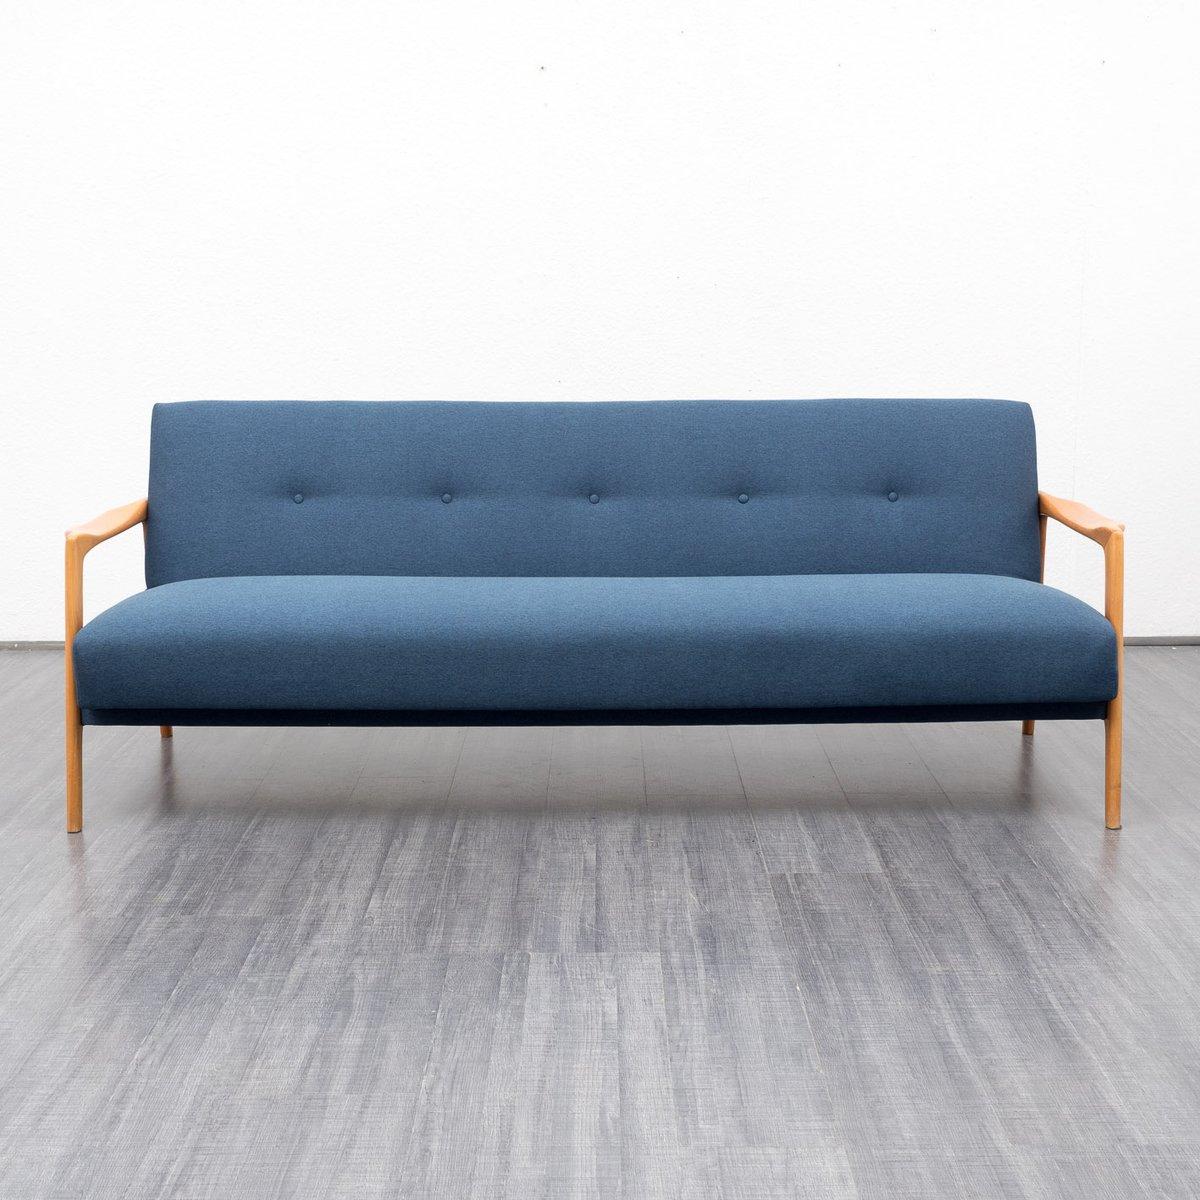 Vintage 3 sitzer kirschholz sofa bei pamono kaufen for Sofa 5 sitzer